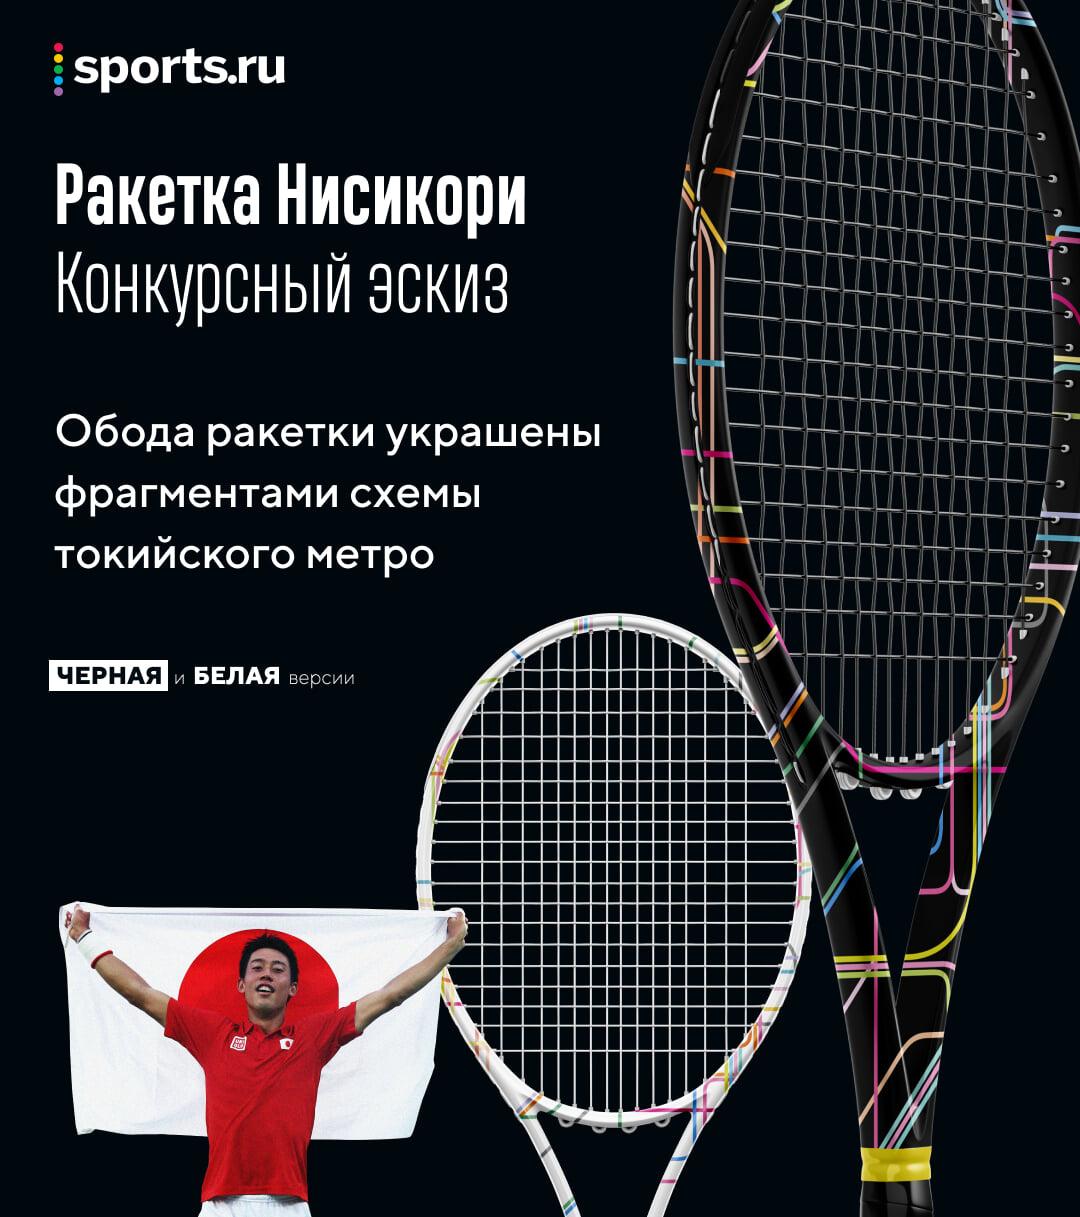 Sports.ru придумал ракетку для Кеи Нисикори. Она отсылает к схеме токийского метро